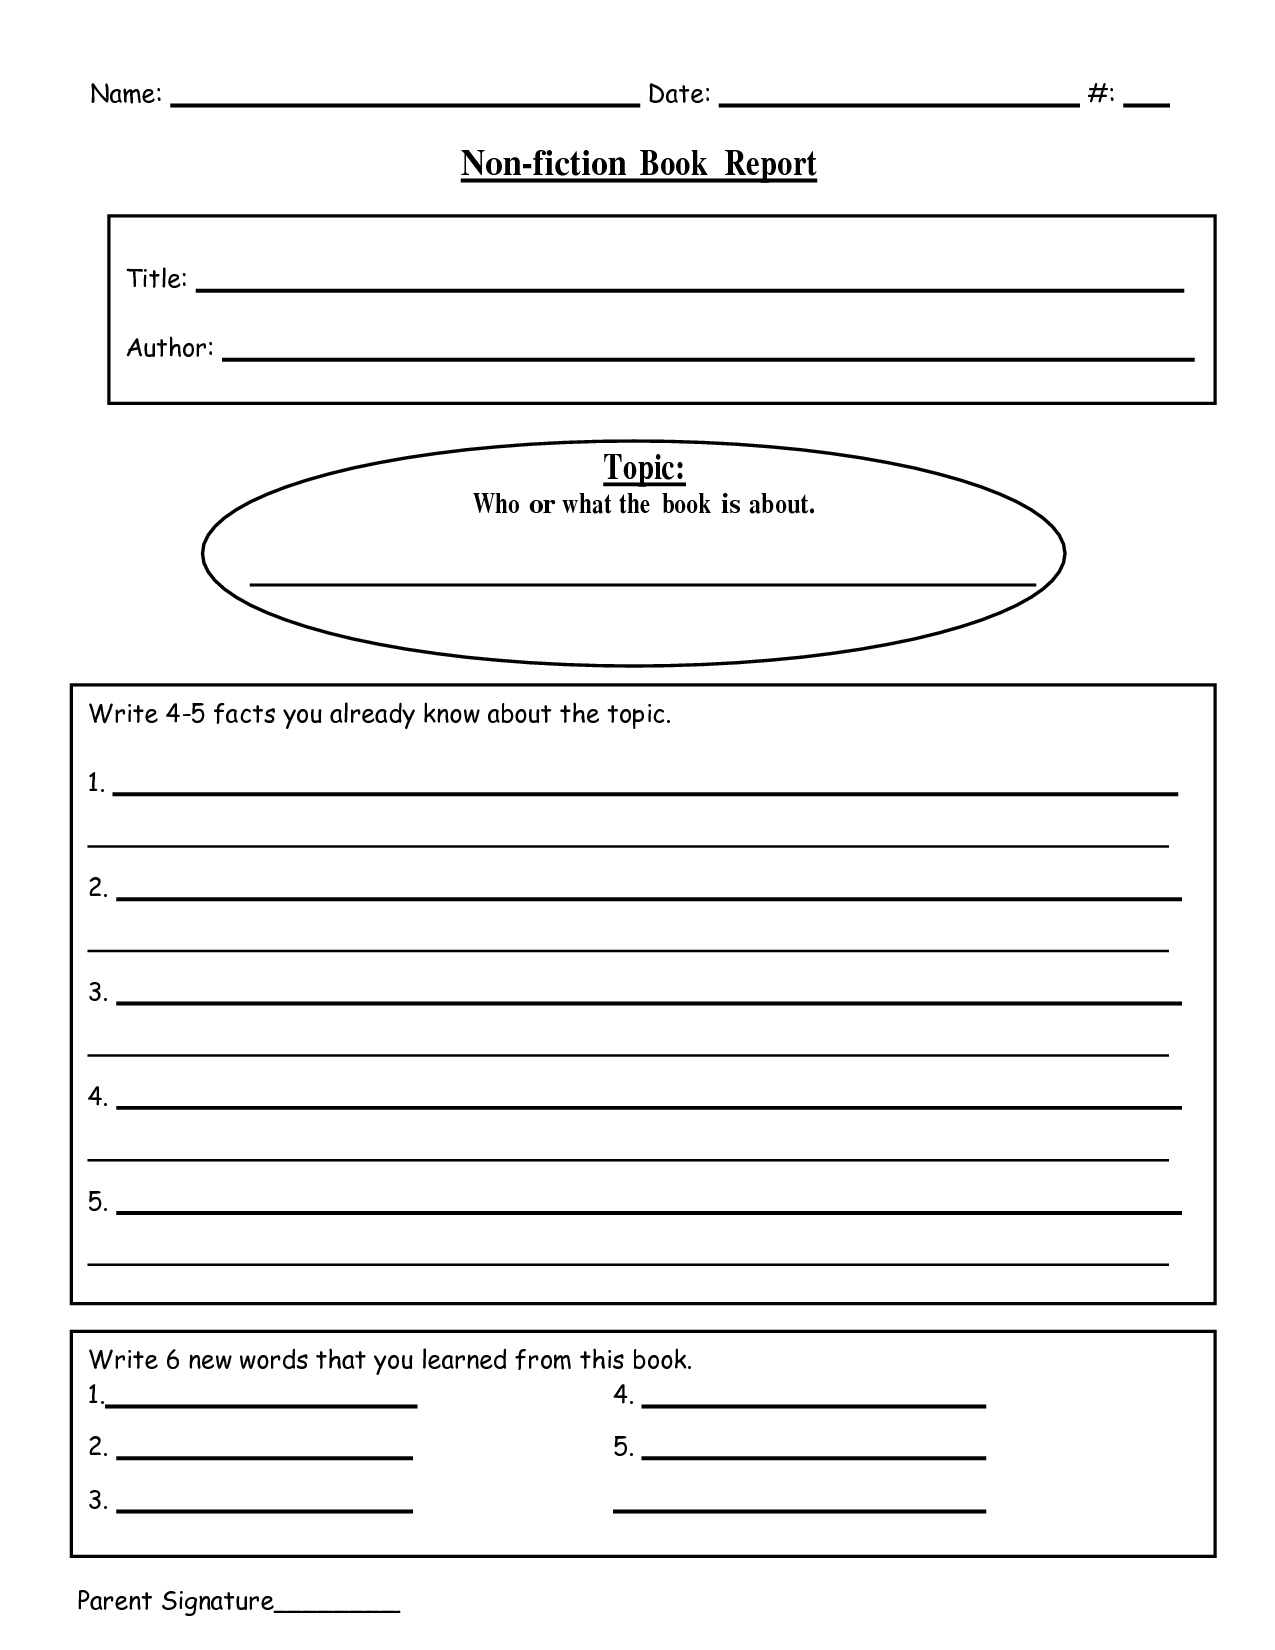 Free Printable Book Report Templates | Non-Fiction Book Report.doc - Free Printable Story Books For Grade 2